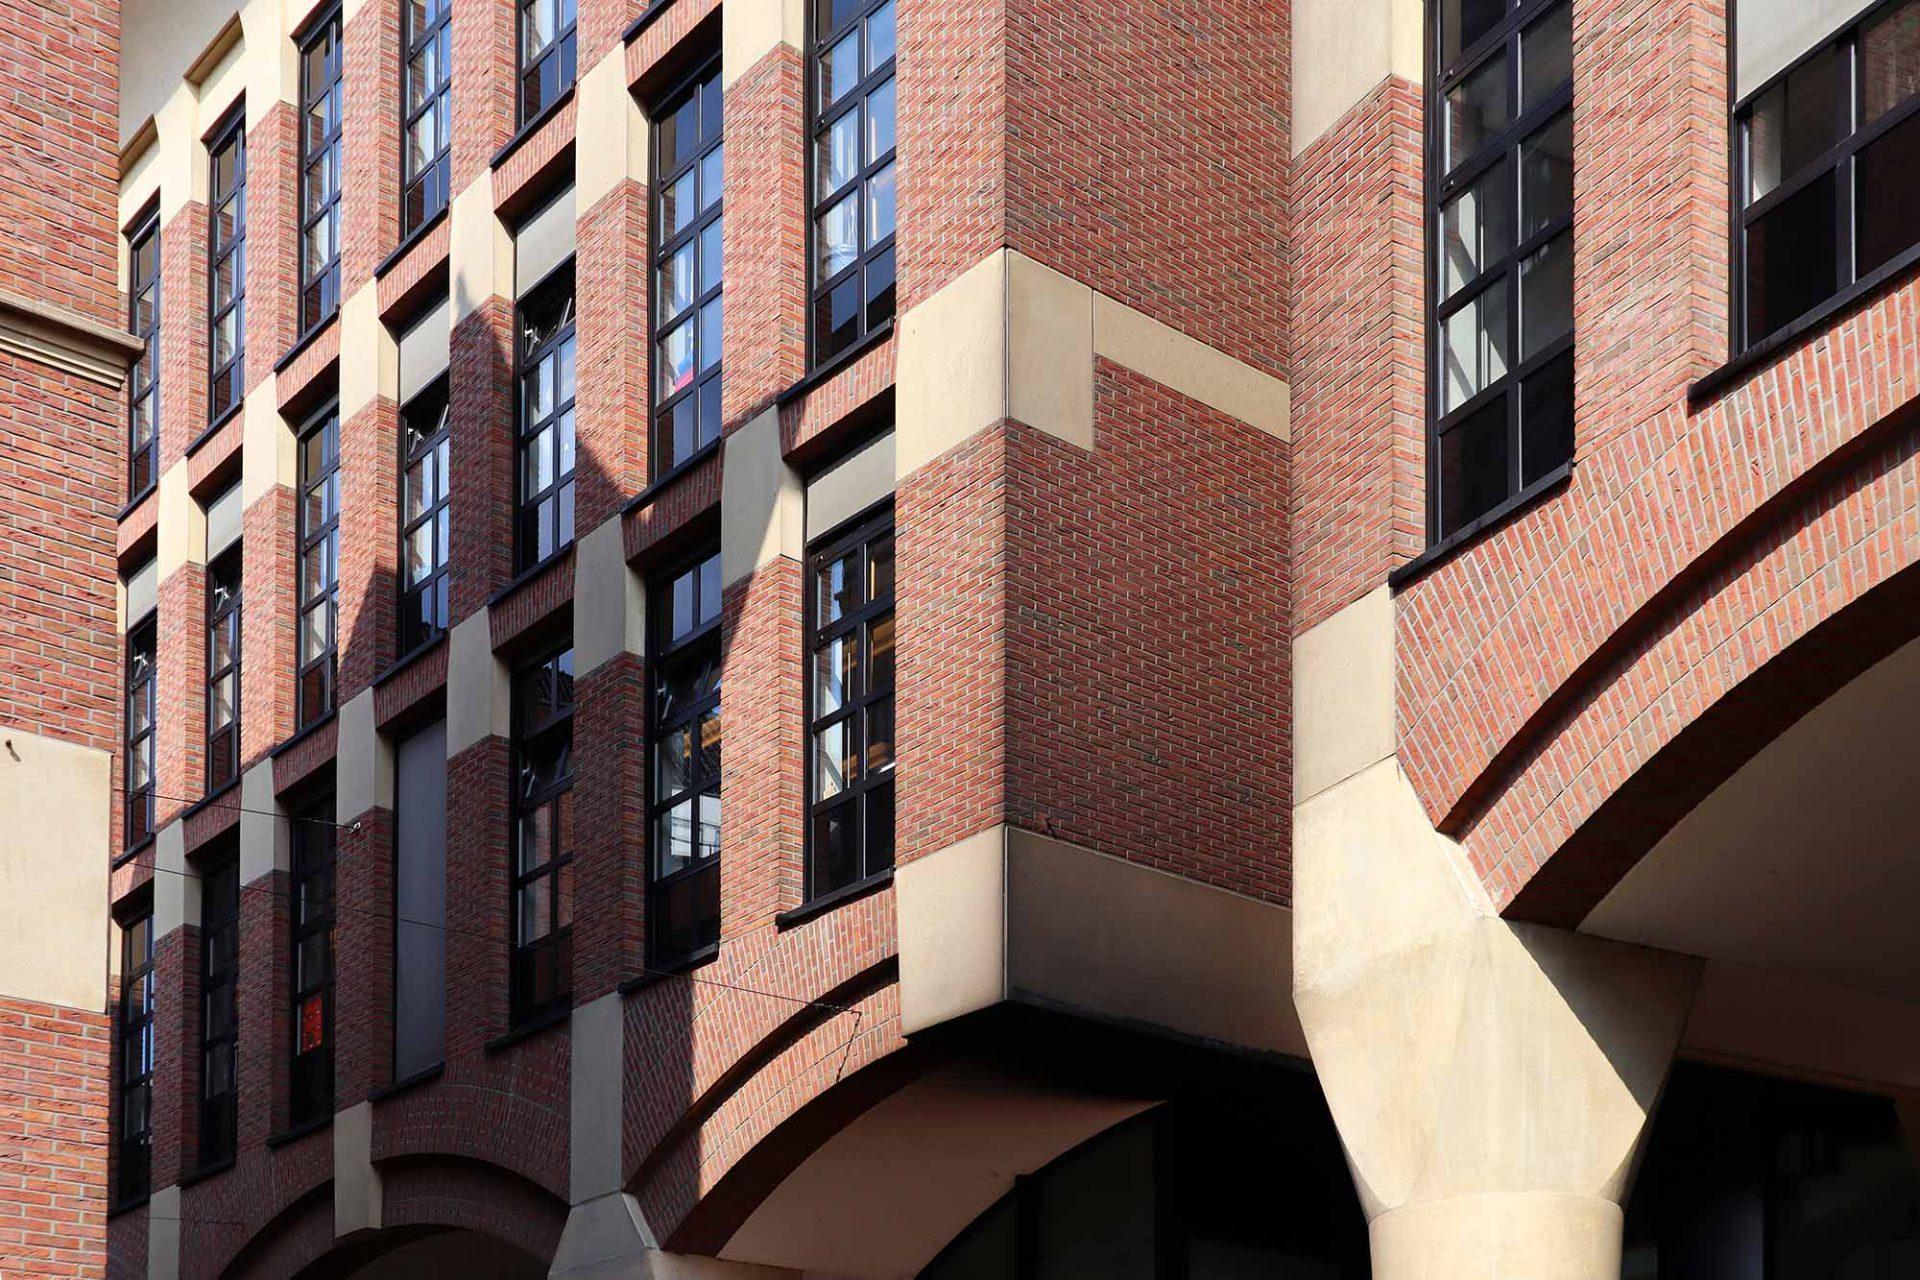 Waagstraatcomplex. Architekturbüro: Adolfo Natalini, Natalini Architetti. Fertigstellung: 1996. Für den Wiederaufbau des Komplexes rekonstruierte das Büro auch das Gebäude der Goldbörse.